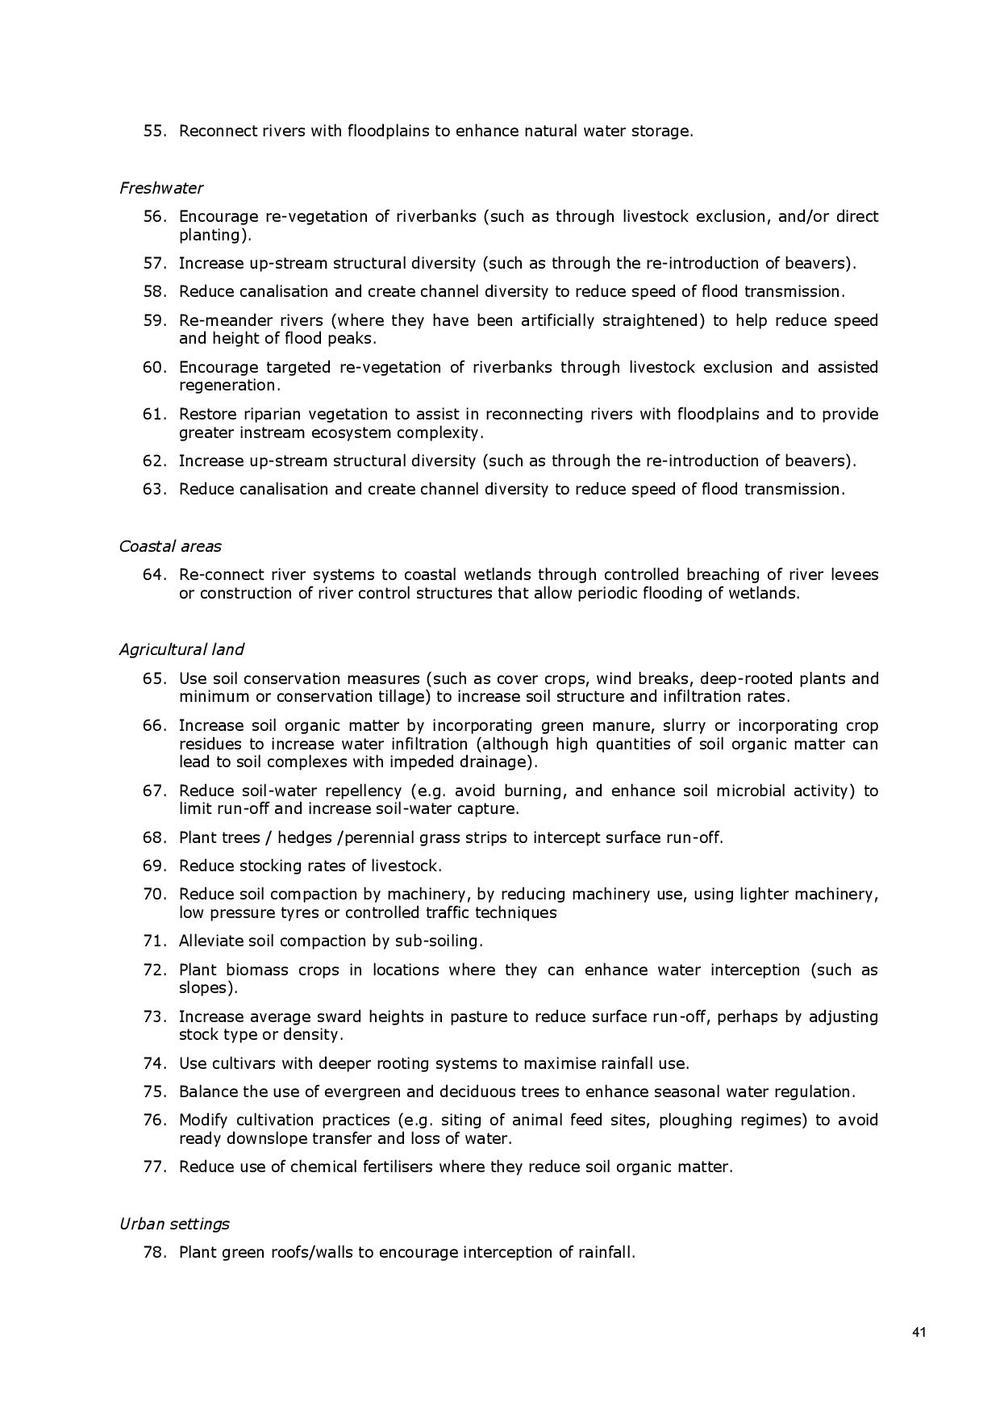 DG RTD_WEB-Publication A4_NBS_long_version_20150310-page-043.jpg